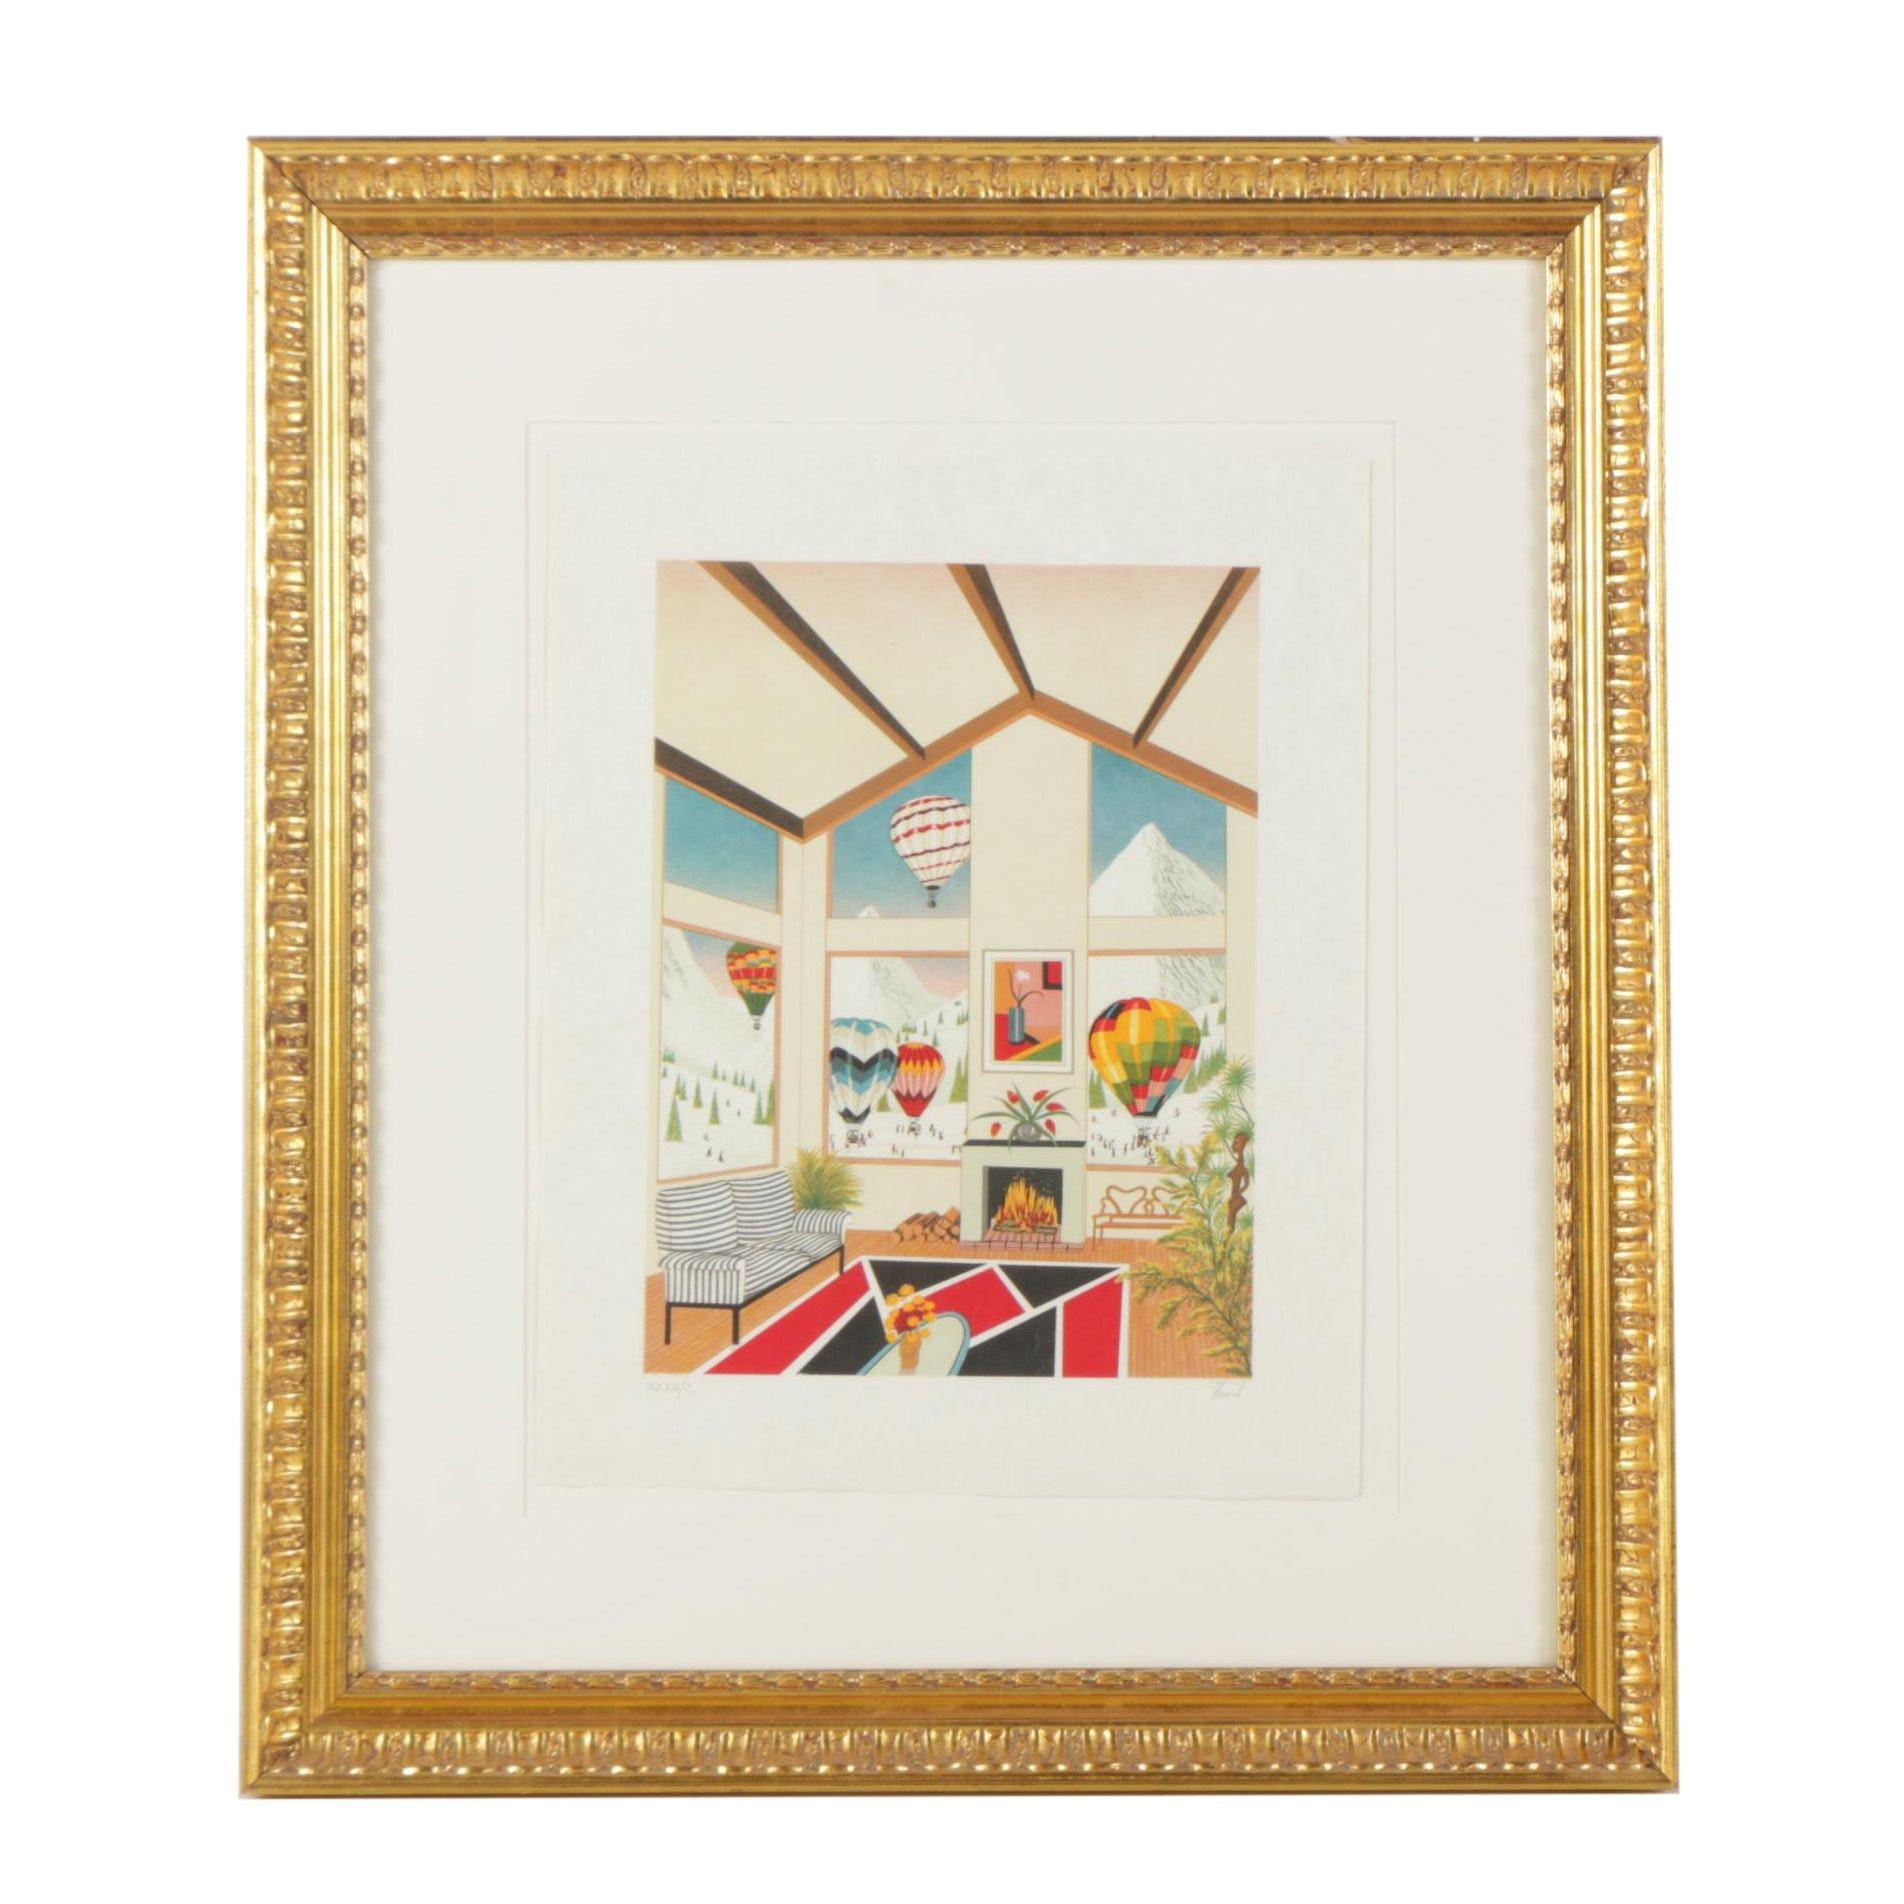 Fanch Ledan Color Lithograph of Interior Scene